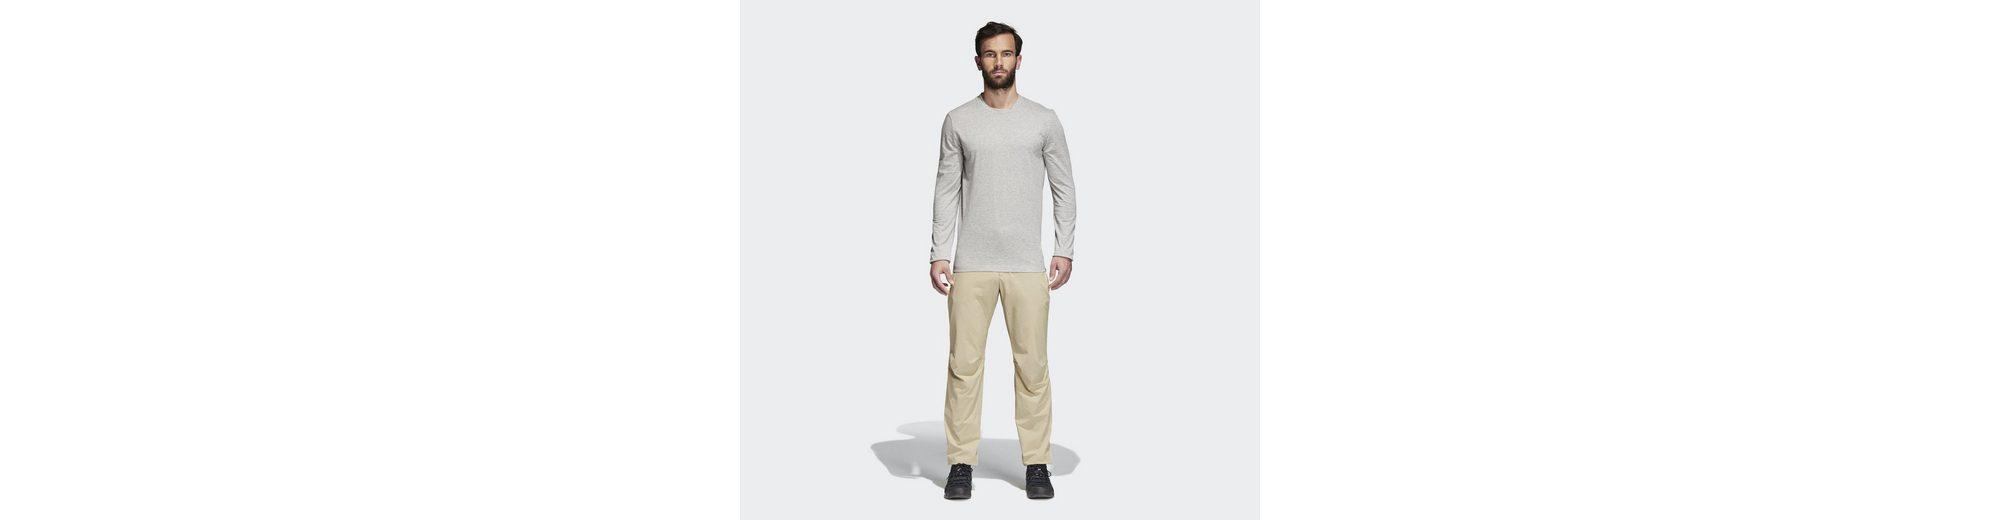 Spielraum Viele Arten Von adidas Performance Langarmshirt Graphic T-Shirt Verkauf Fälschung Verkauf Footaction Spielraum Niedriger Preis Rabatt Top-Qualität 8Q4XBF